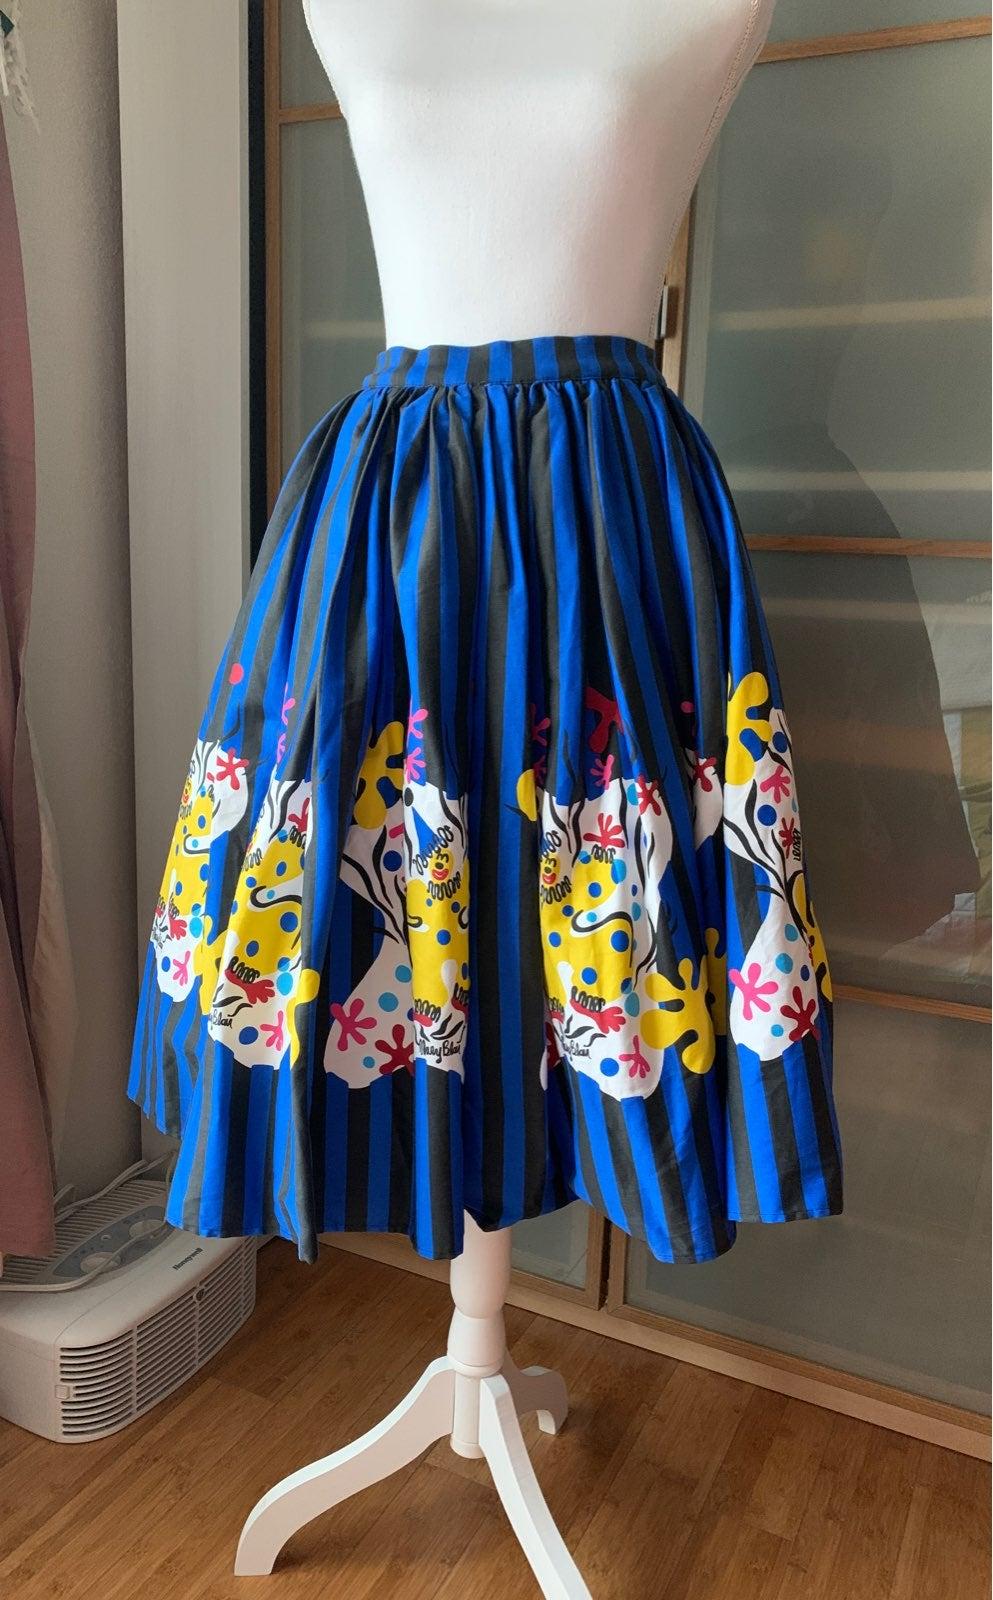 Mary Blair Pinup Girl Clothing Skirt